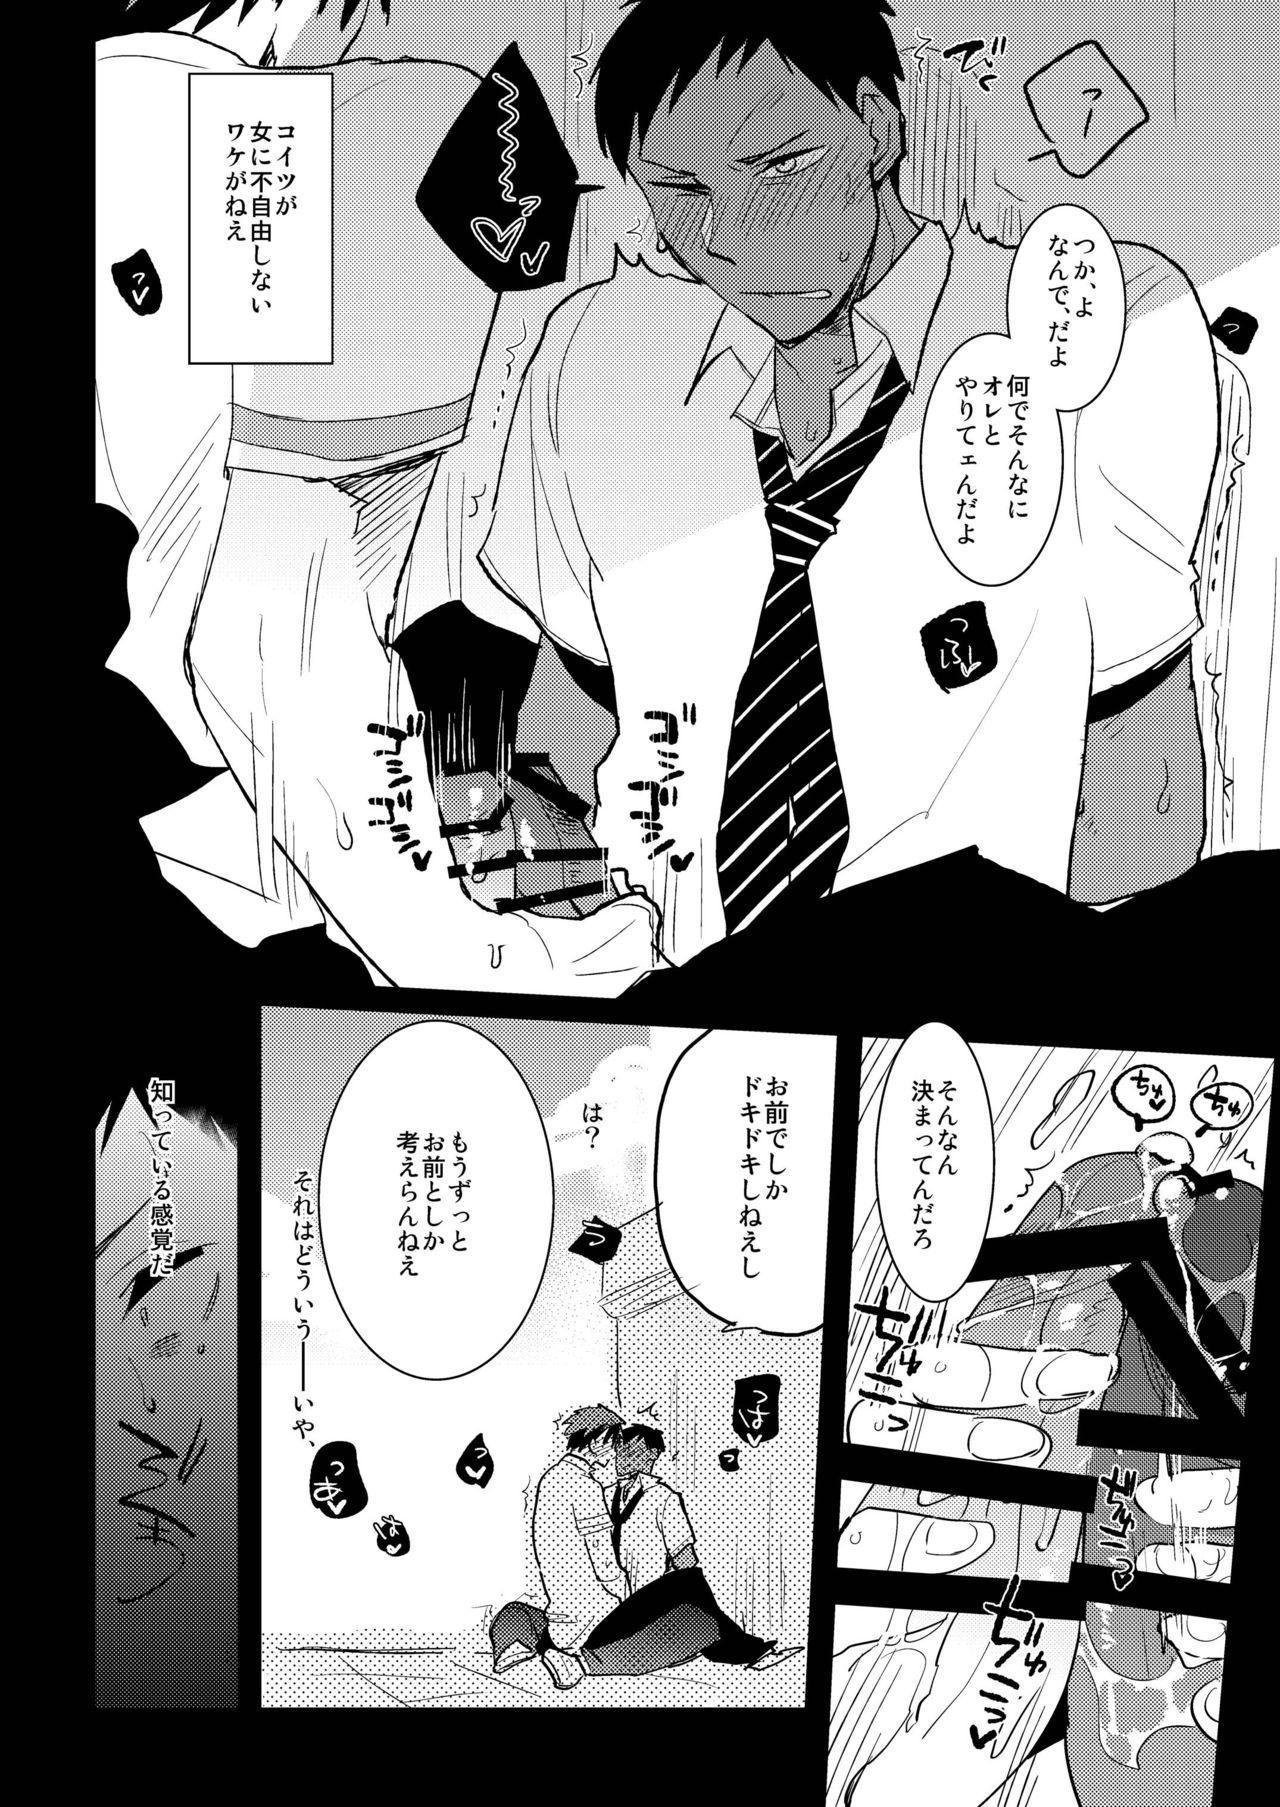 Kagami-kun no Ero hon 9 Ippatsuyara Sete Kure! 10